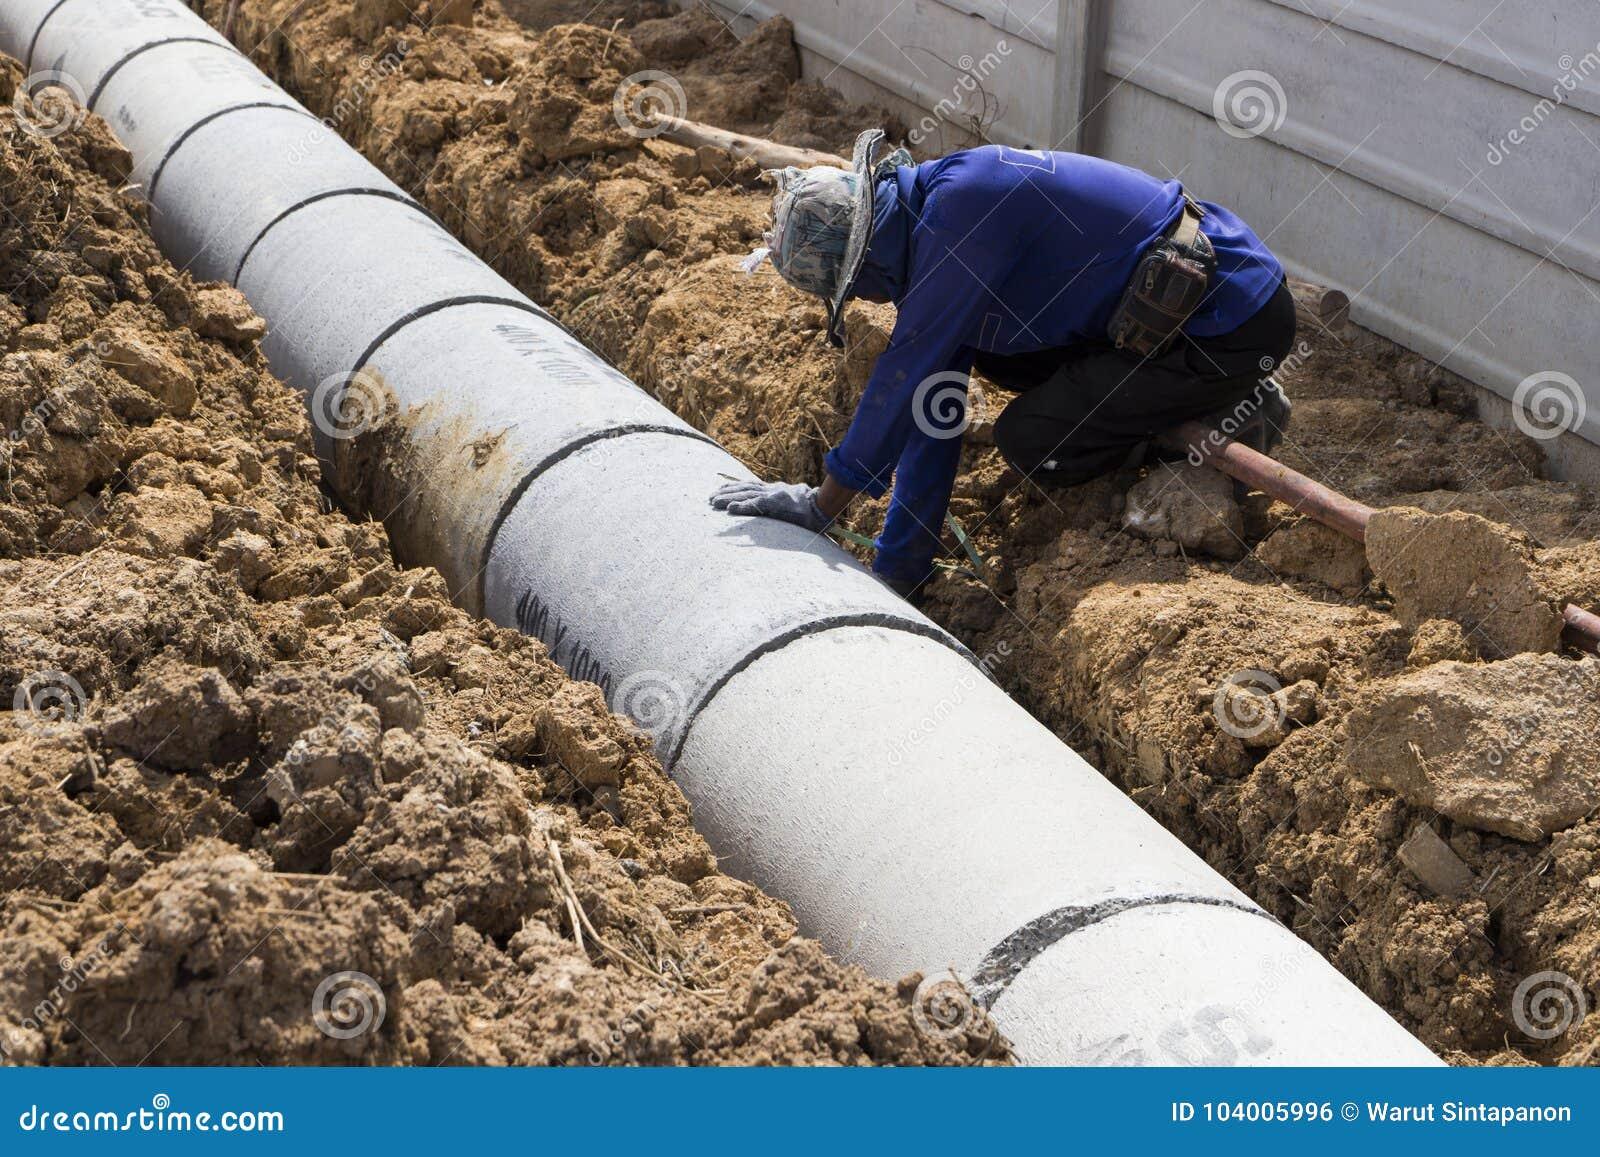 Ο εργαζόμενος εγκαθιστά τις προκατασκευασμένες συγκεκριμένες καταπακτές